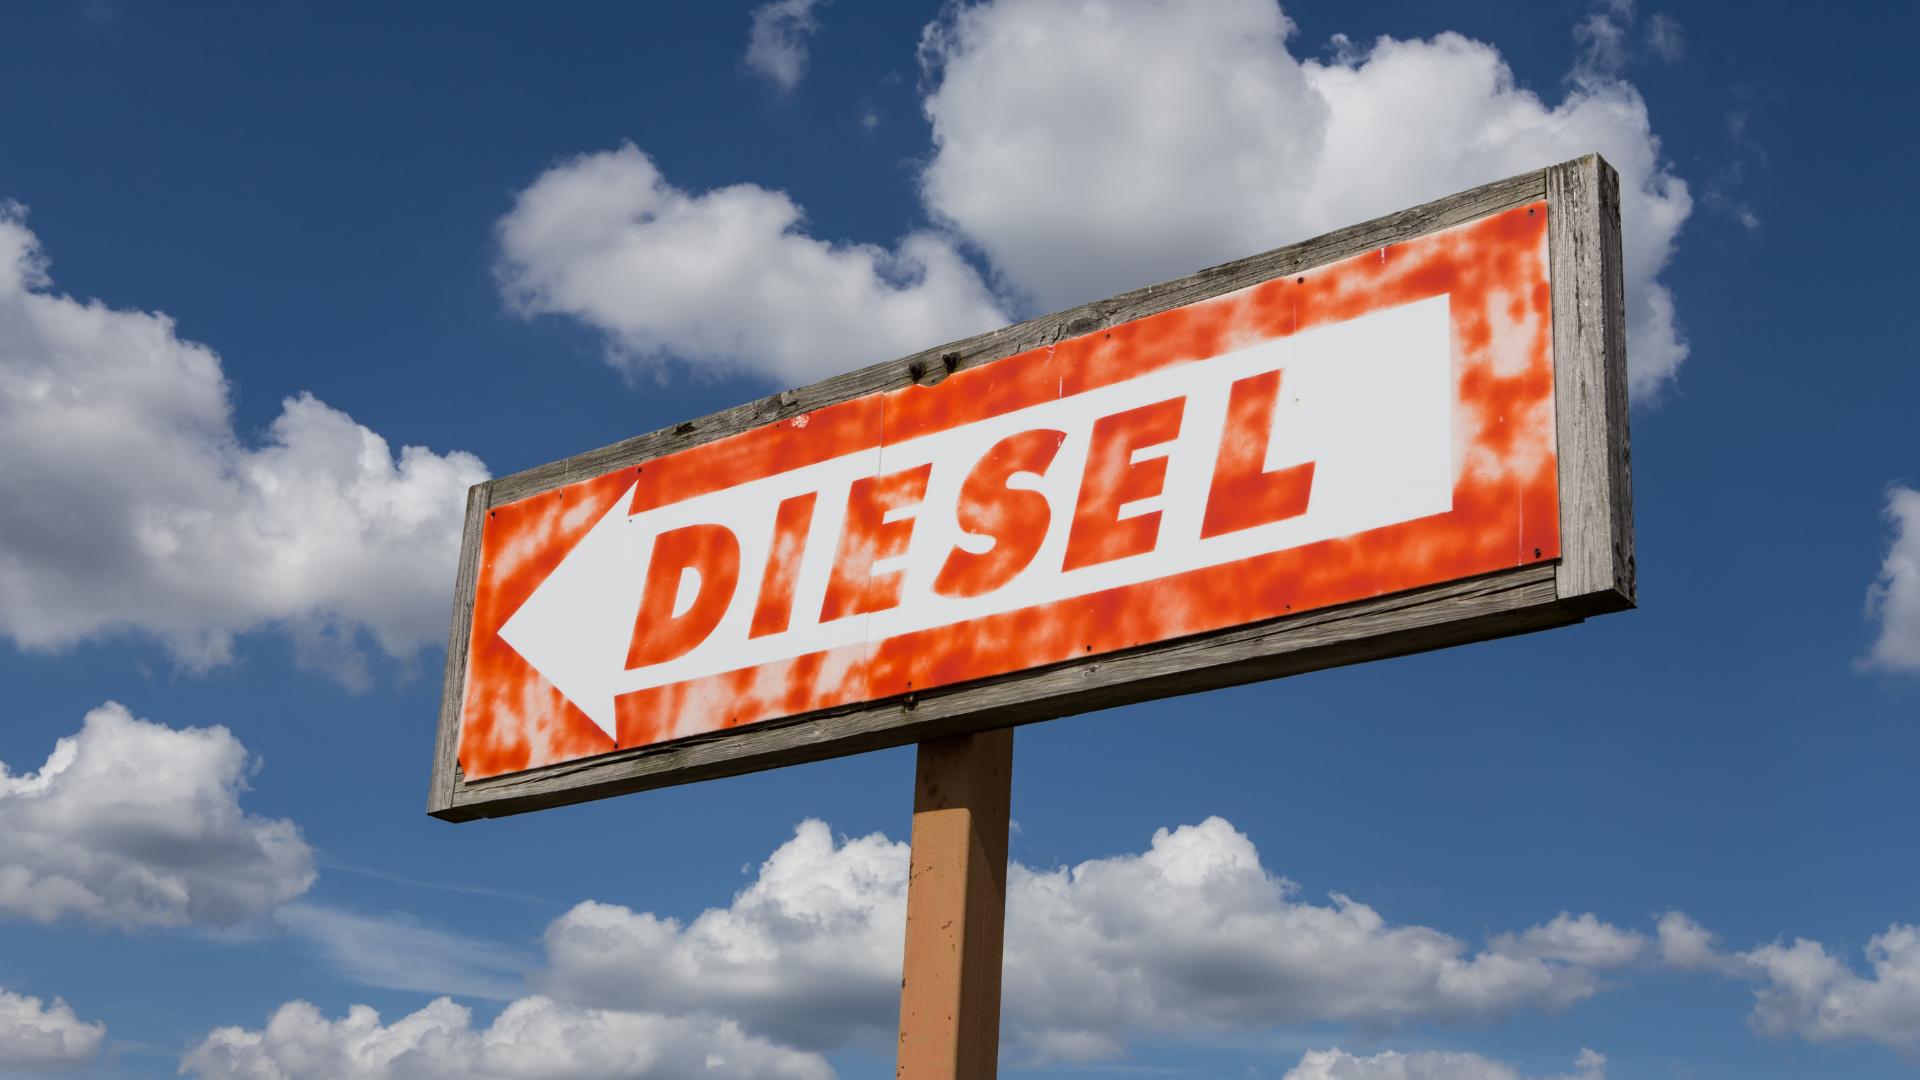 Veicoli Commerciali Diesel: nuovo motore rivoluzionario in arrivo